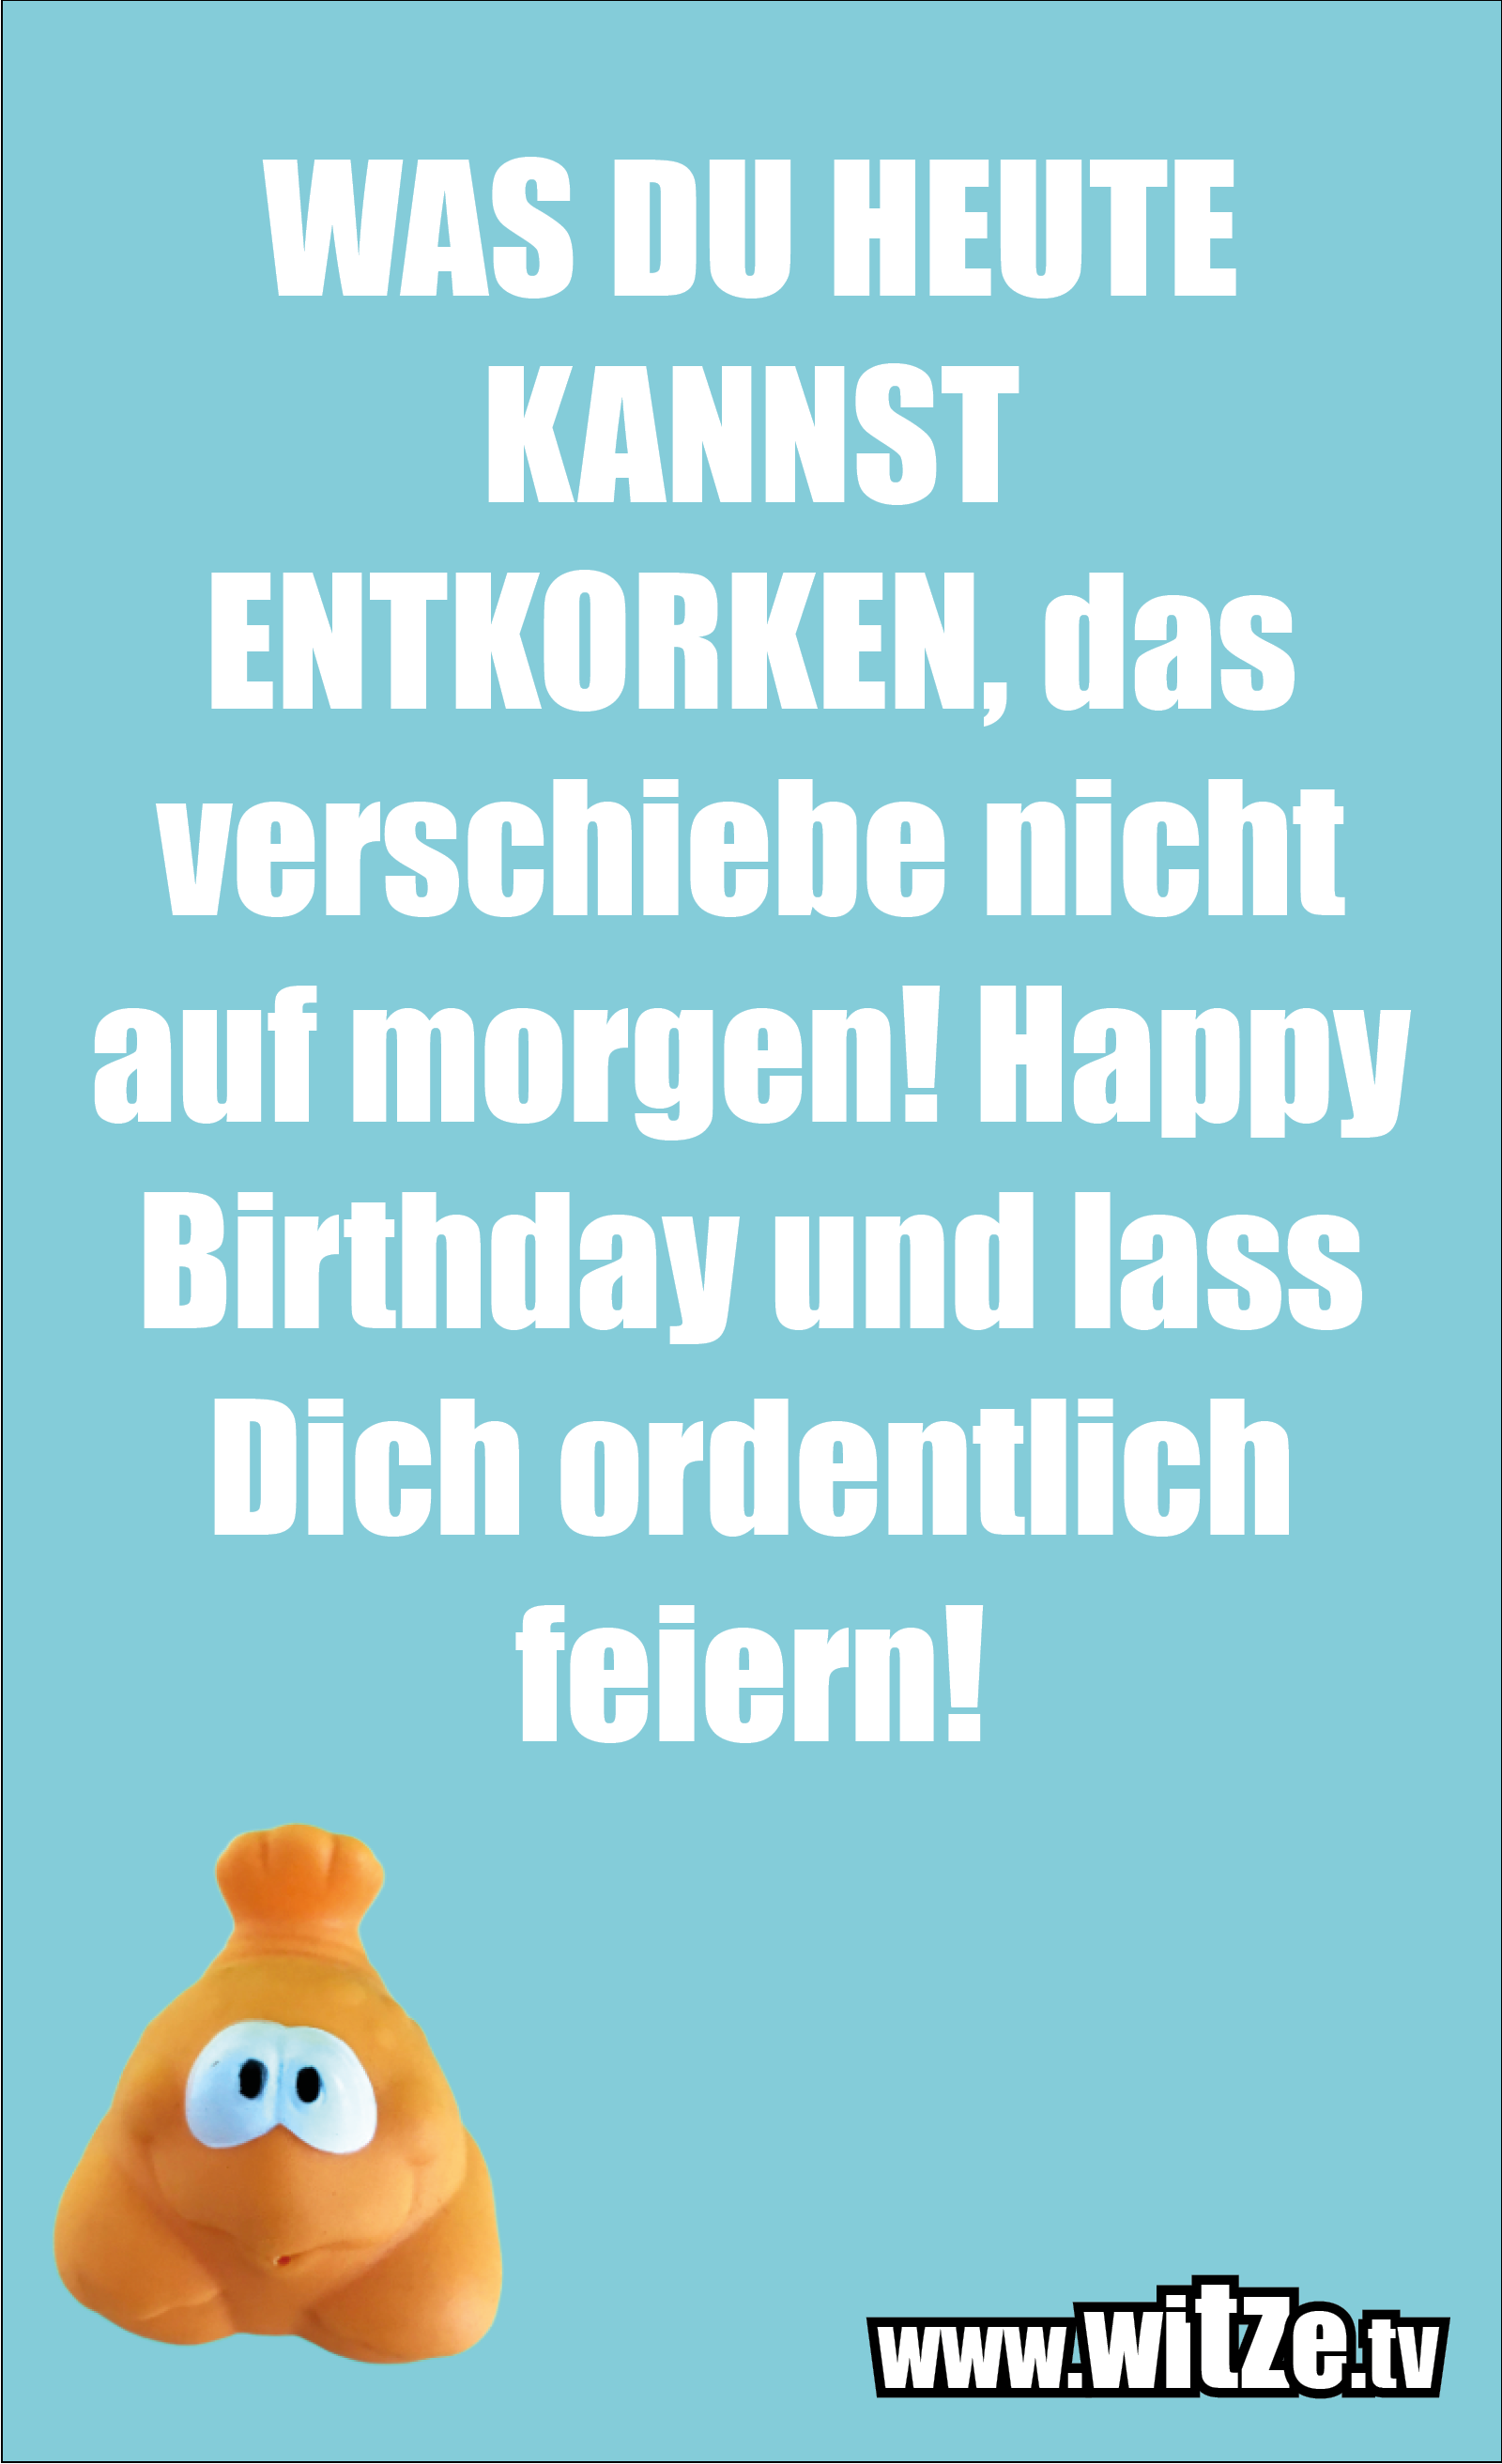 Lustige Geburtstagswünsche: WAS DU HEUTE KANNST ENTKORKEN, das verschiebe nicht auf morgen! Happy Birthday und lass Dich ordentlich feiern!